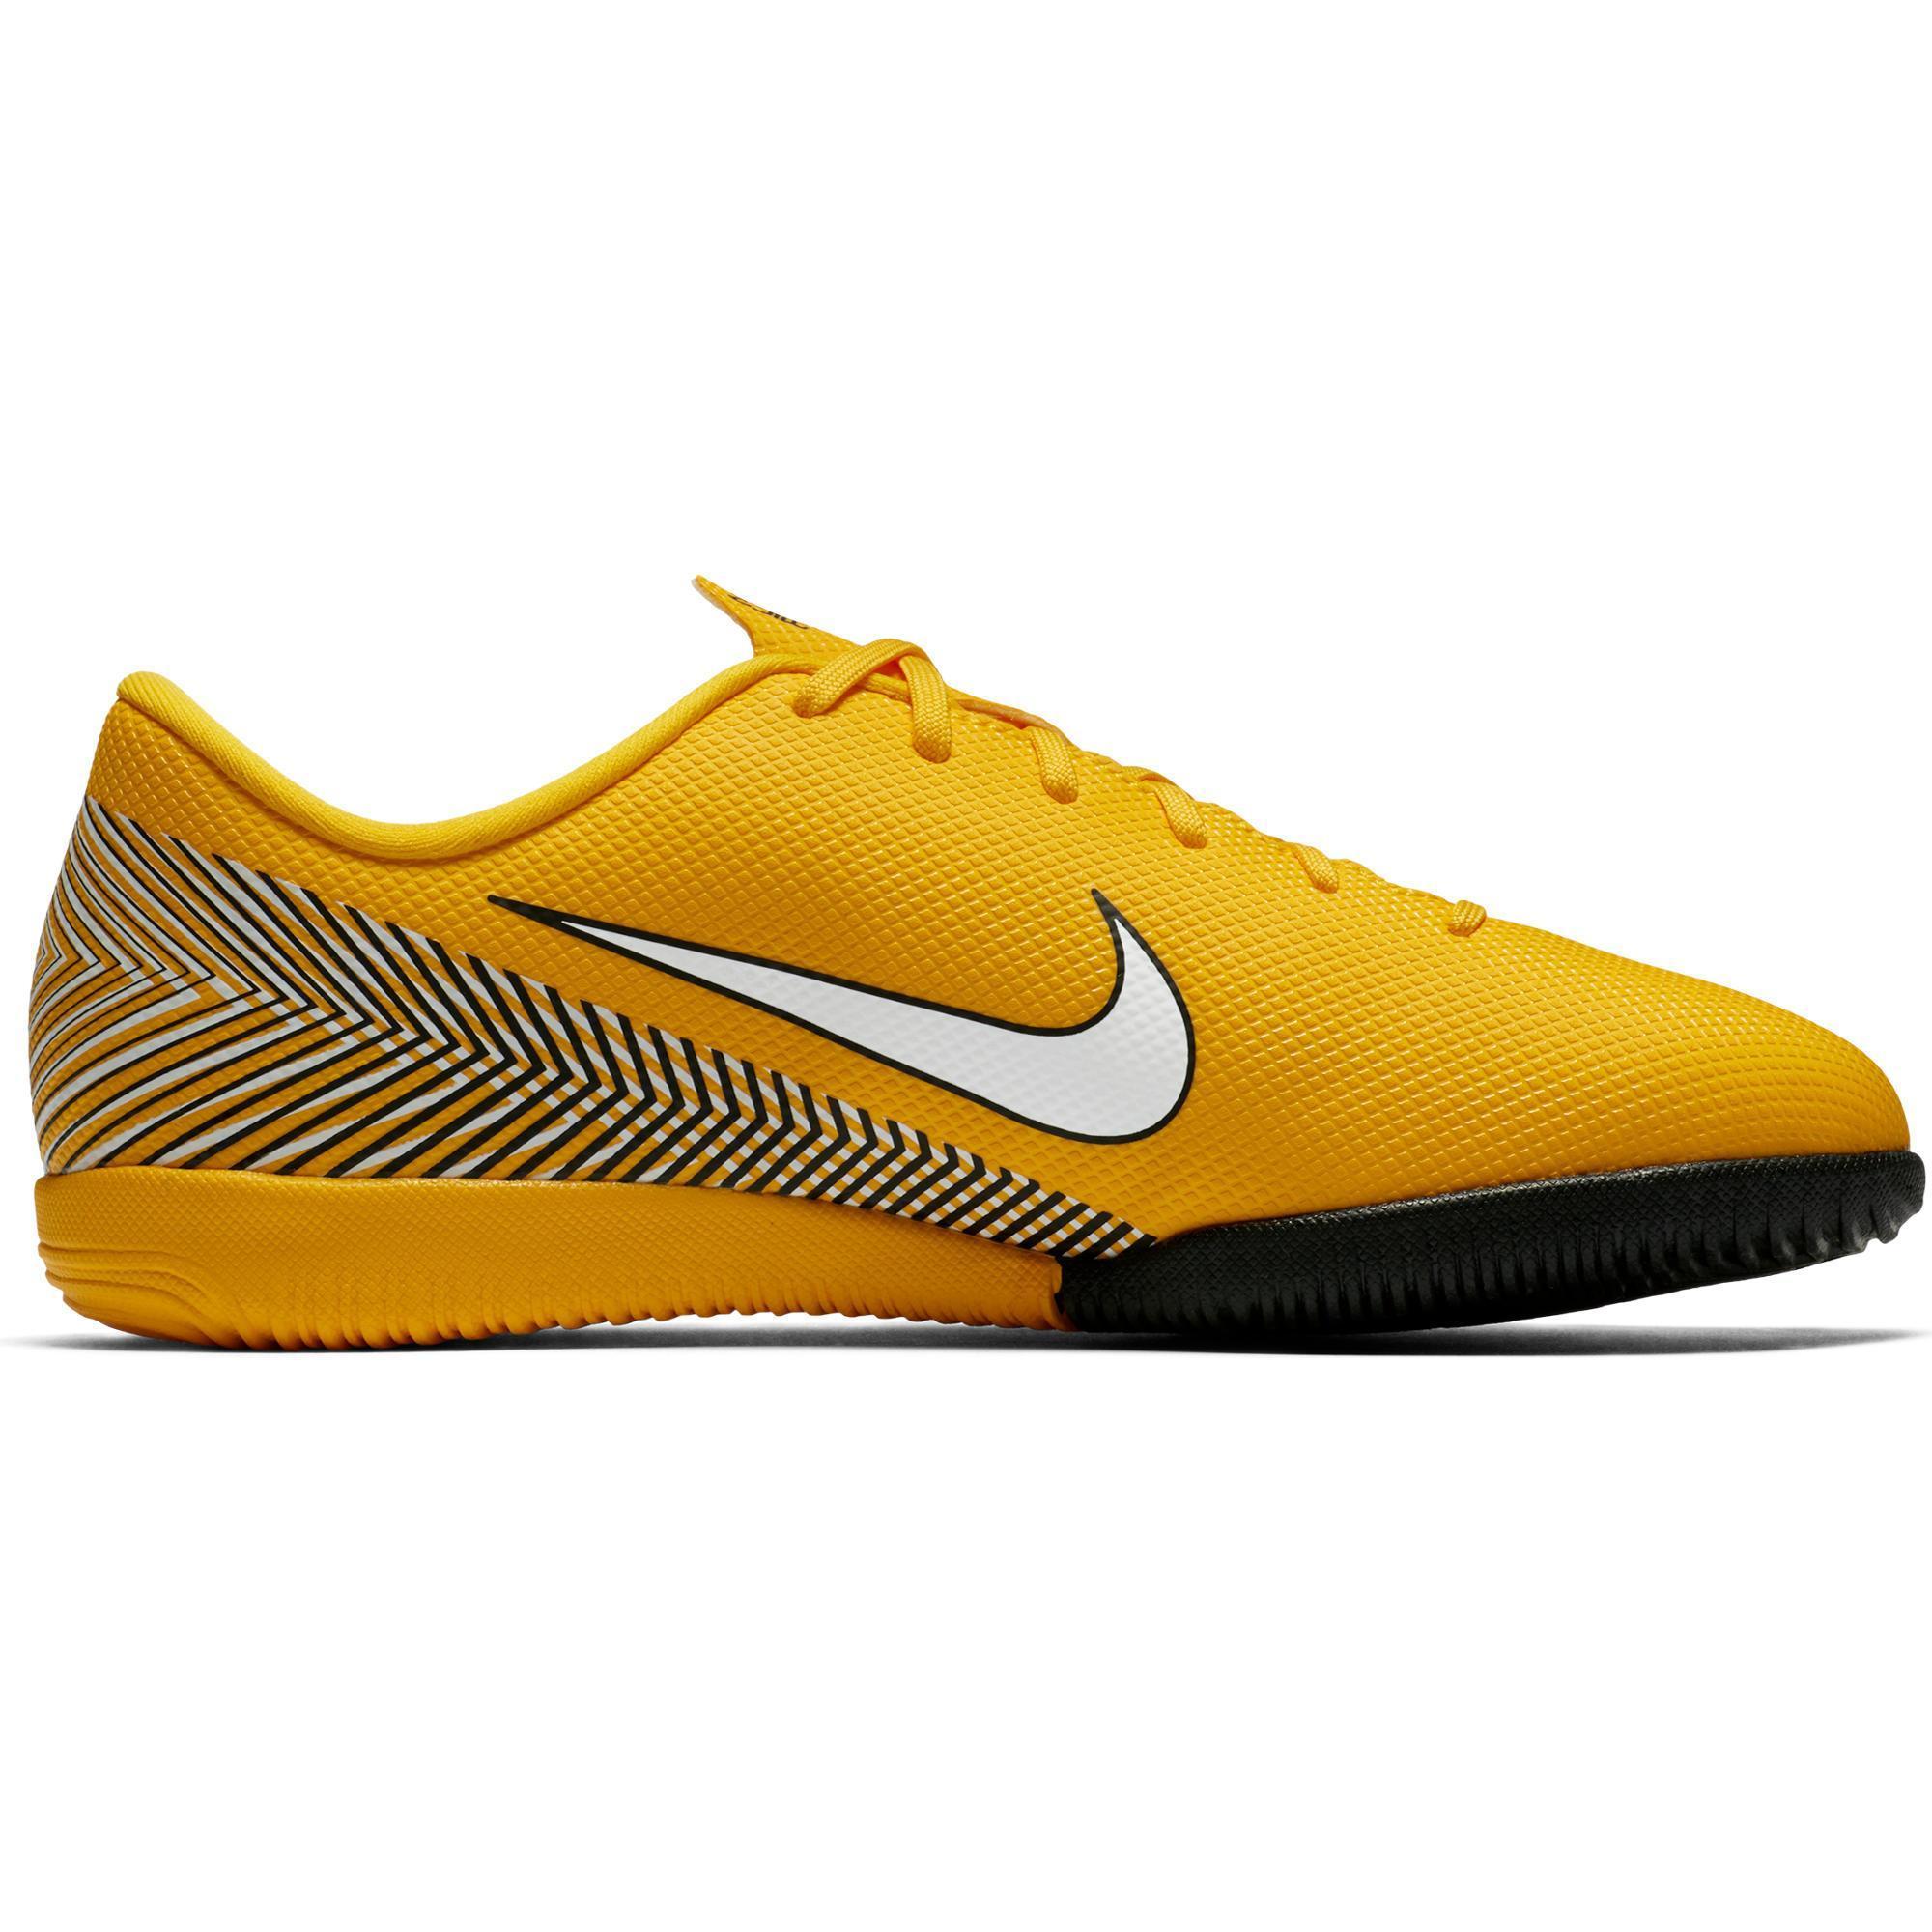 Chaussures de futsal   Decathlon 9b1e40a05ae